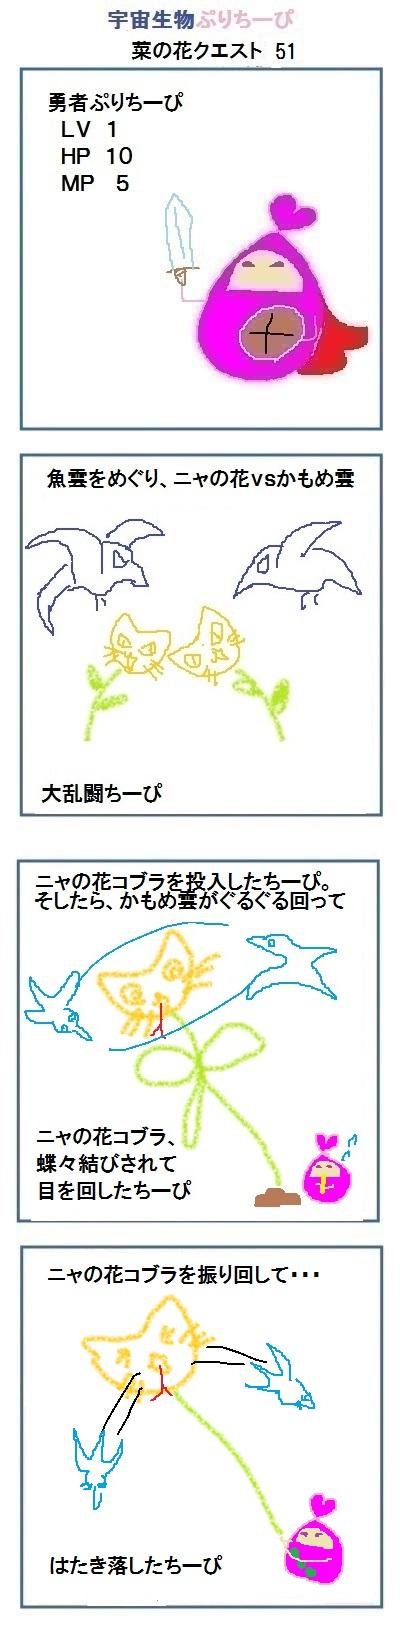 160522_菜の花51